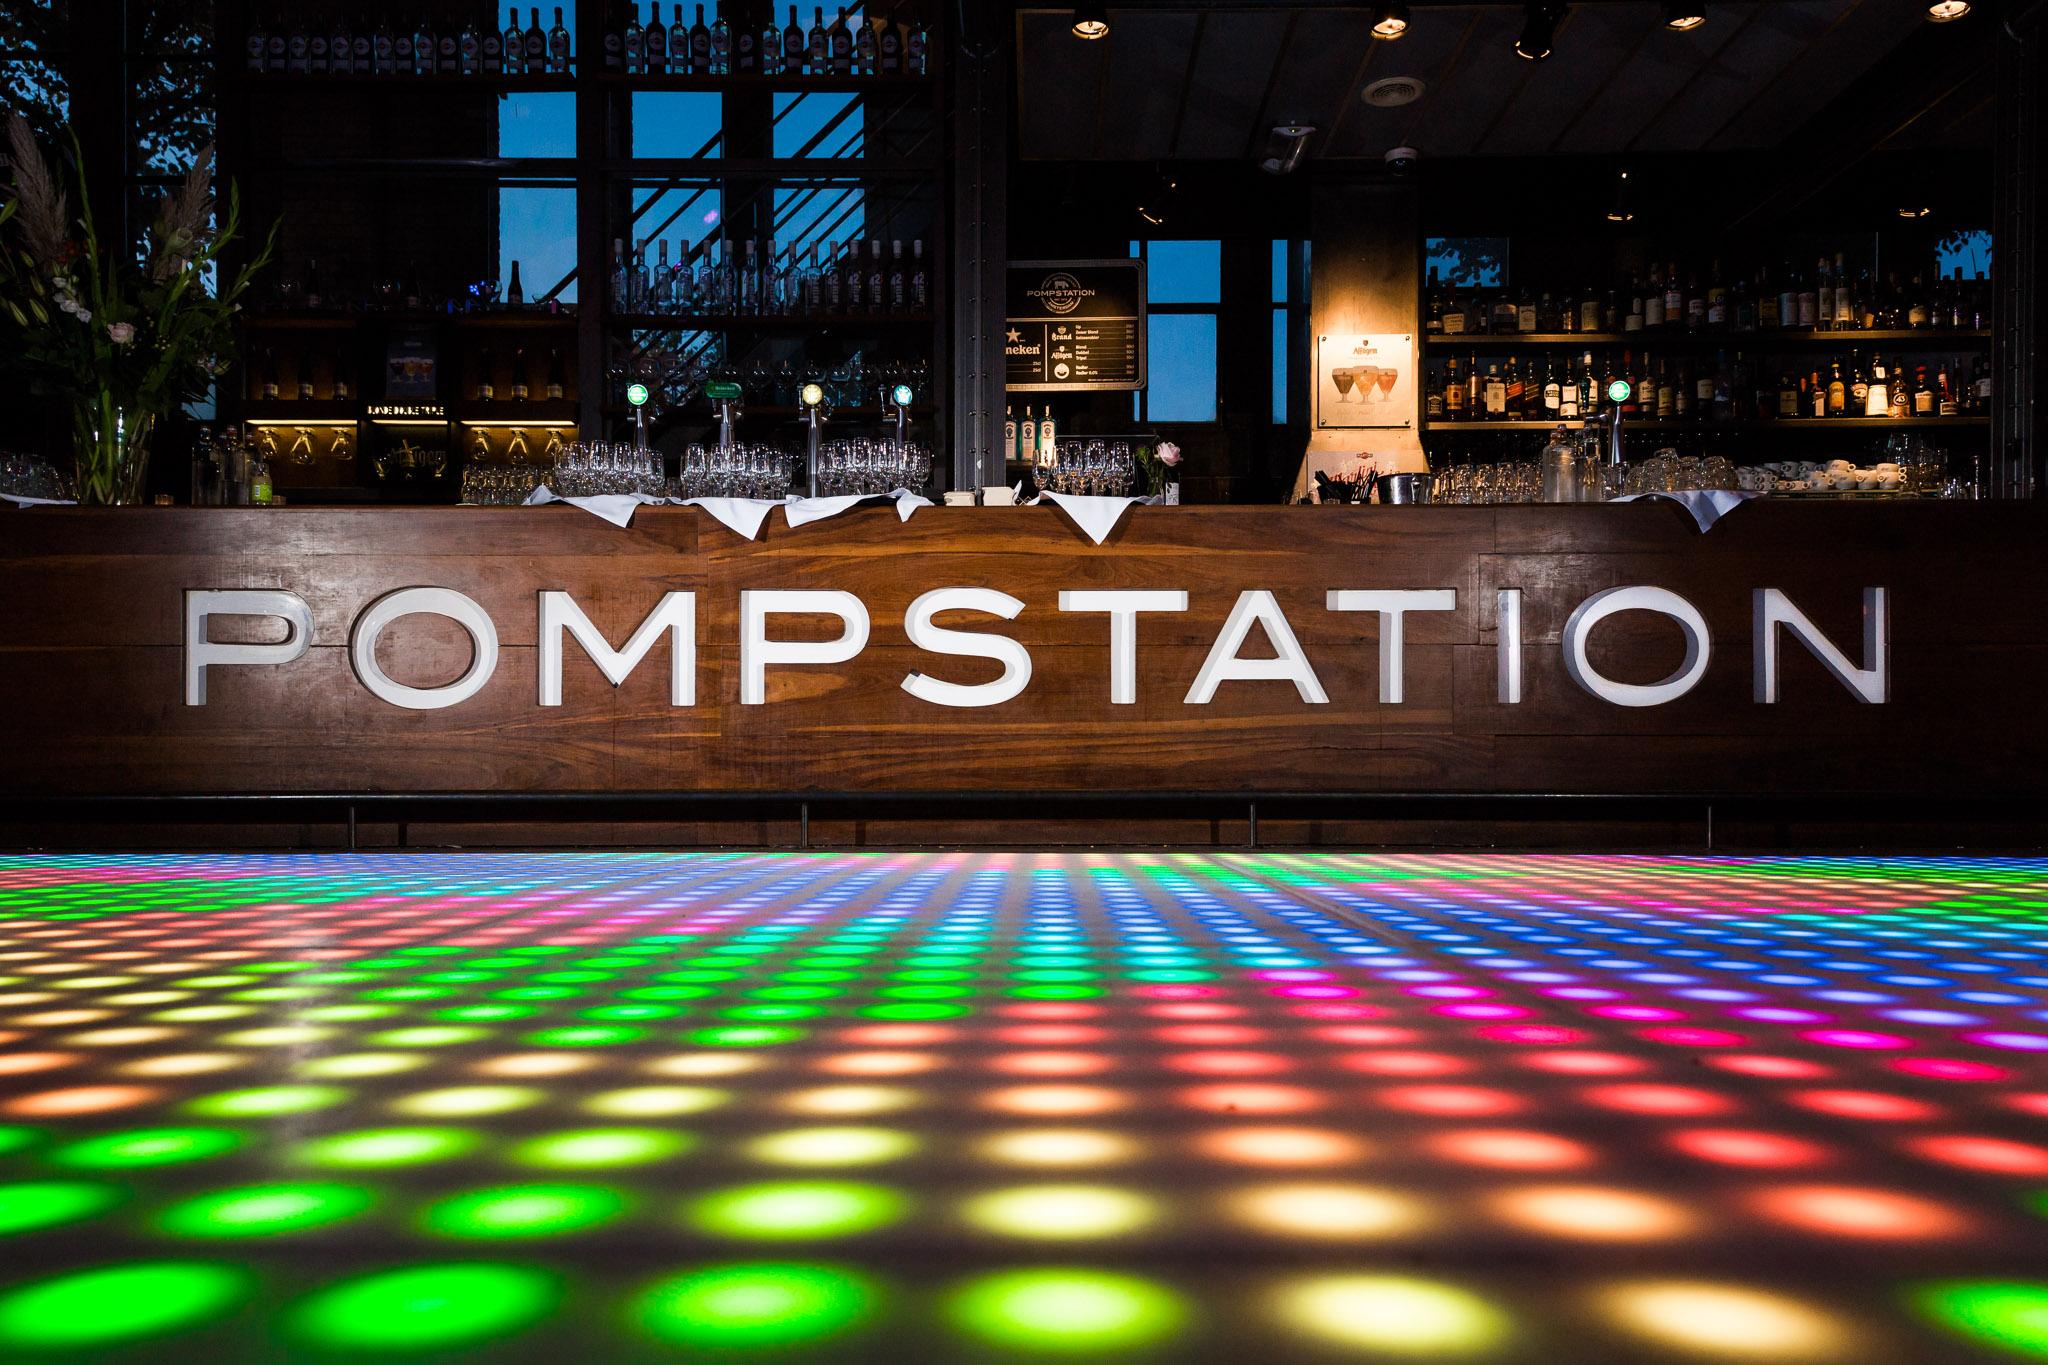 Pompstation Amsterdam